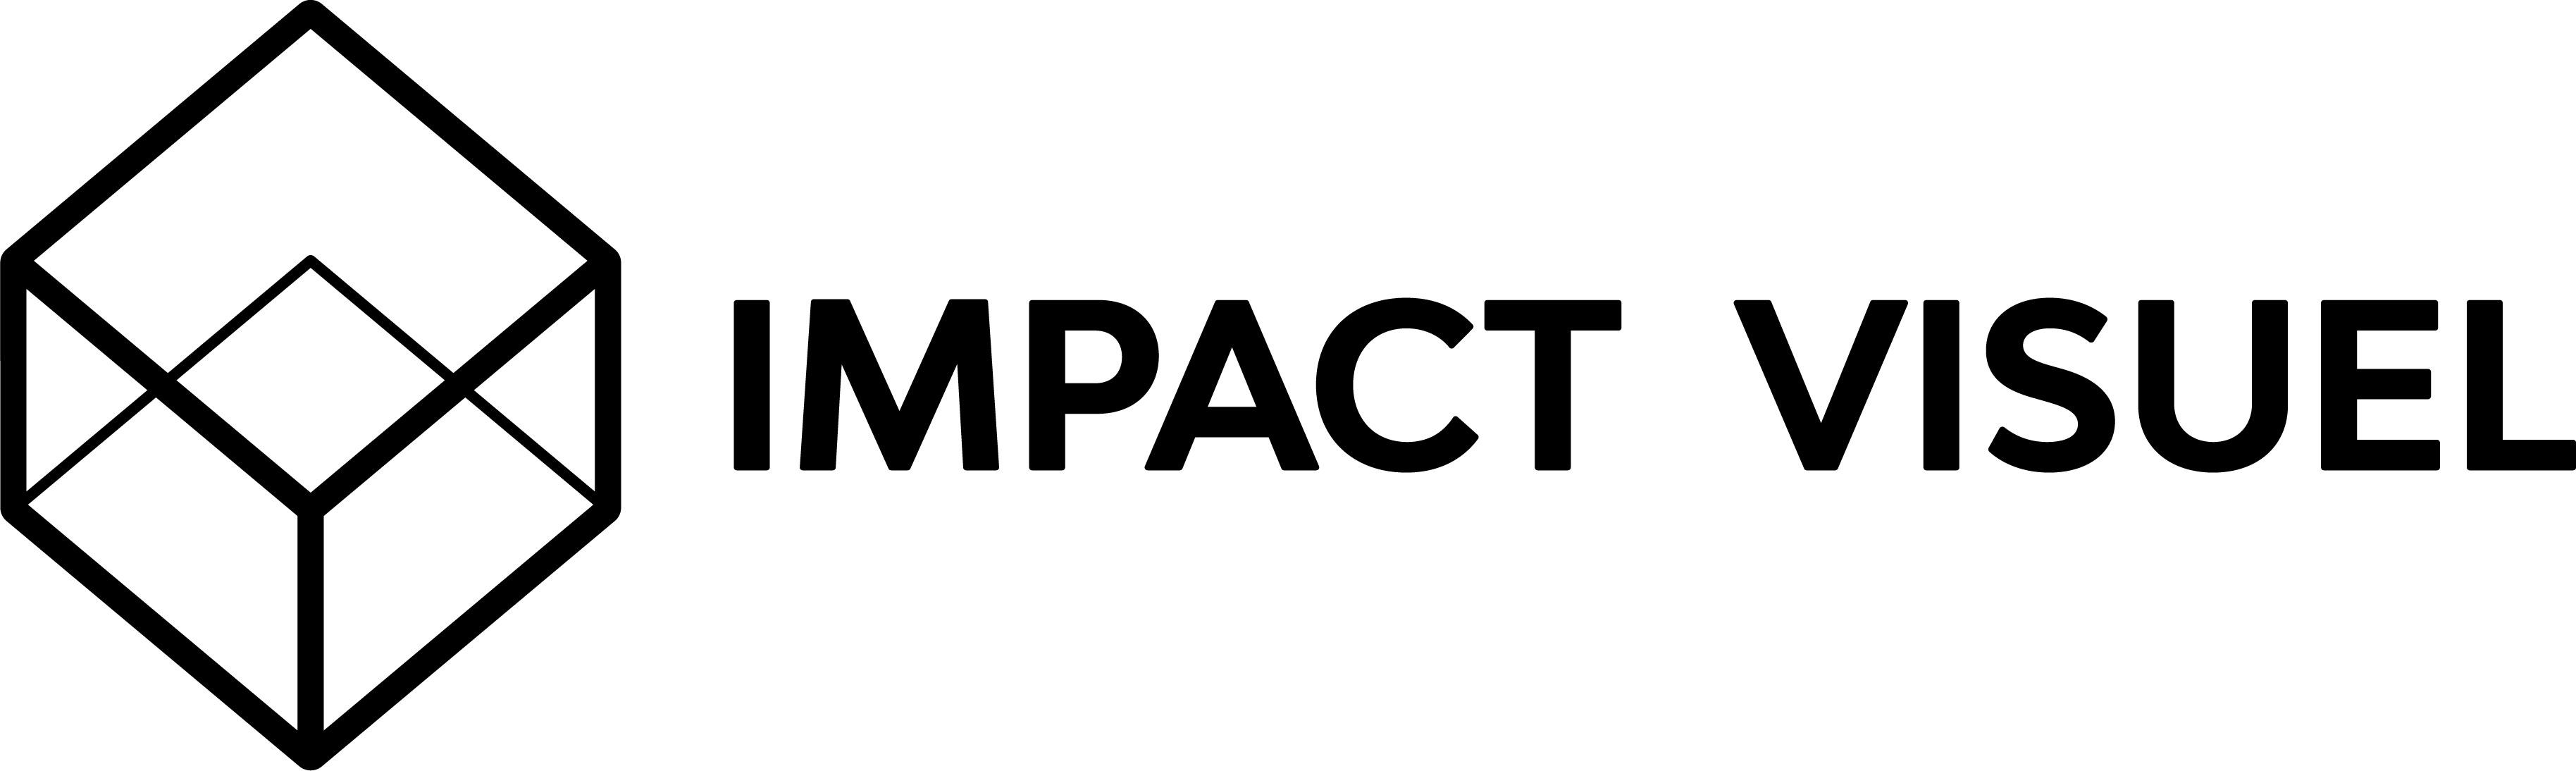 impact visuel